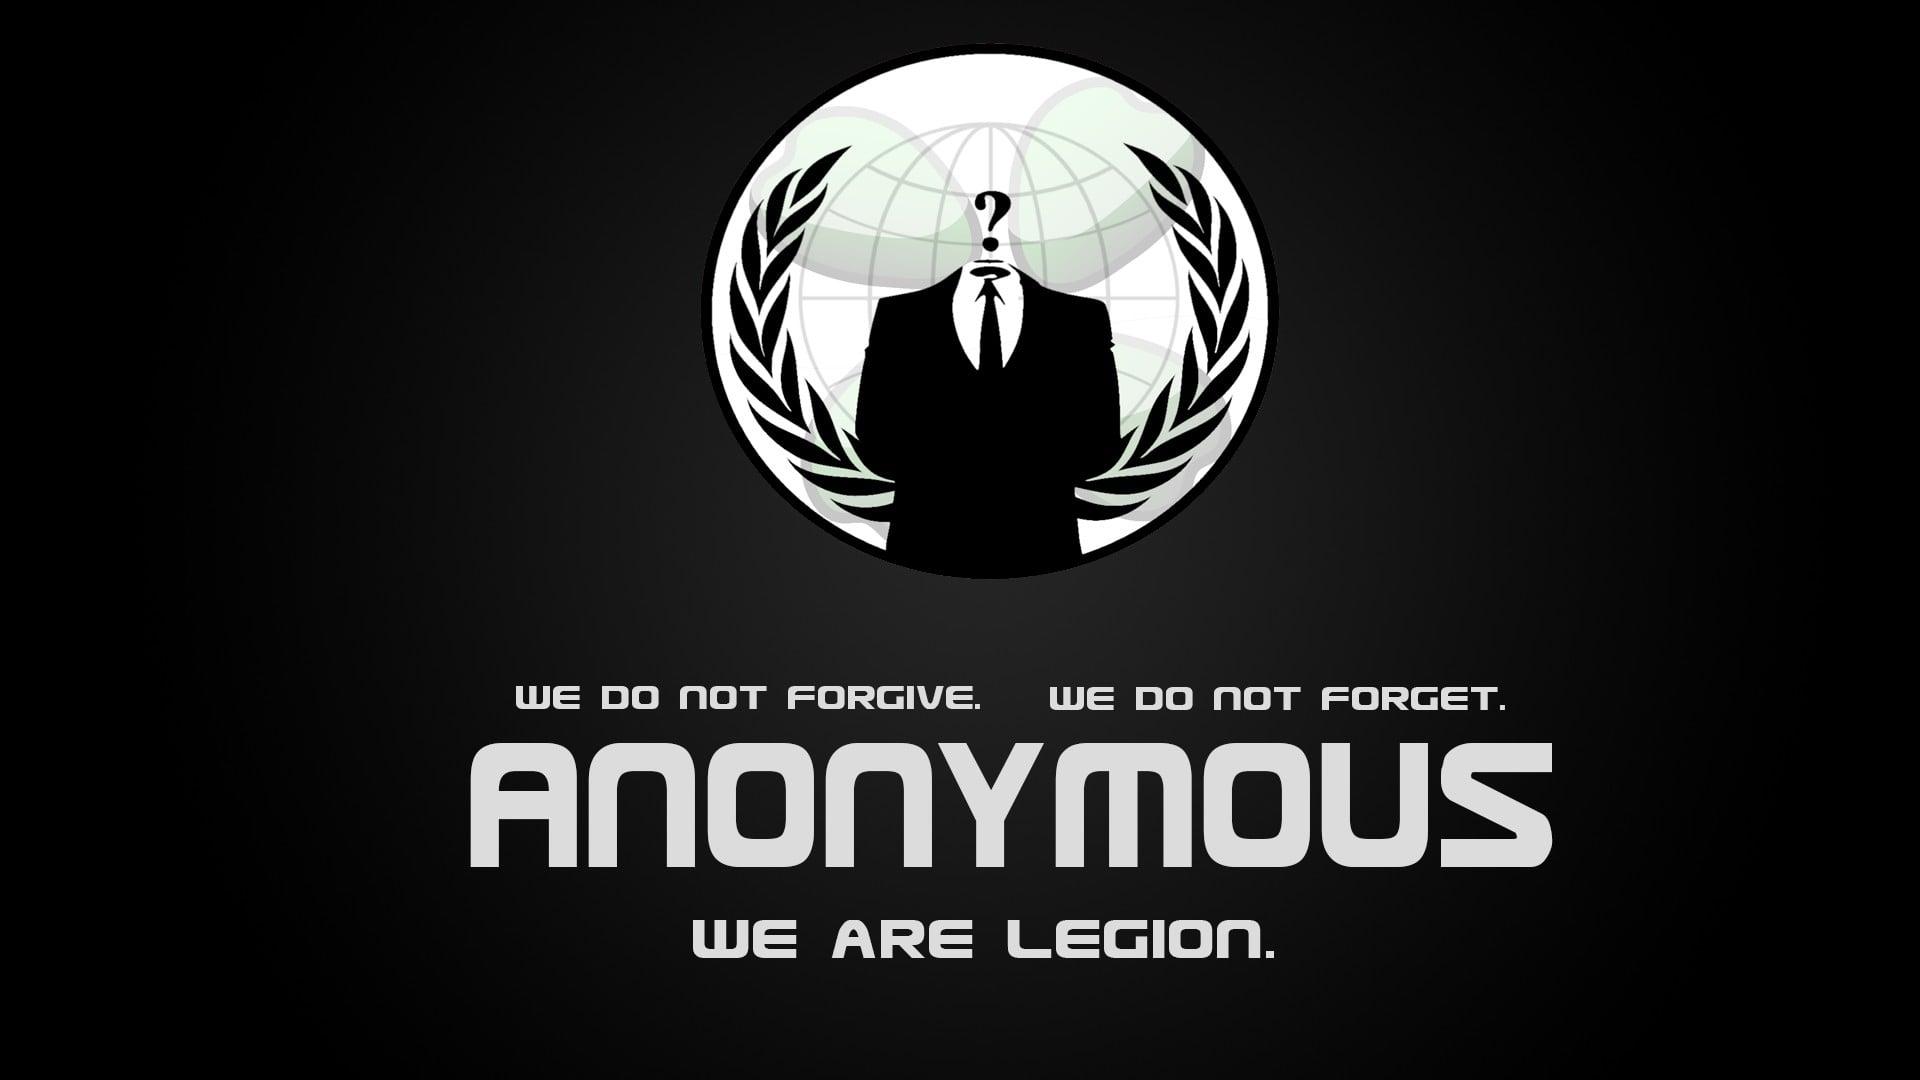 Anonymous Türkiye'ye Siber Savaş İlan Etti anonymous türkiye'ye siber savaş İlan etti Anonymous Türkiye'ye Siber Savaş İlan Etti rev anon 2